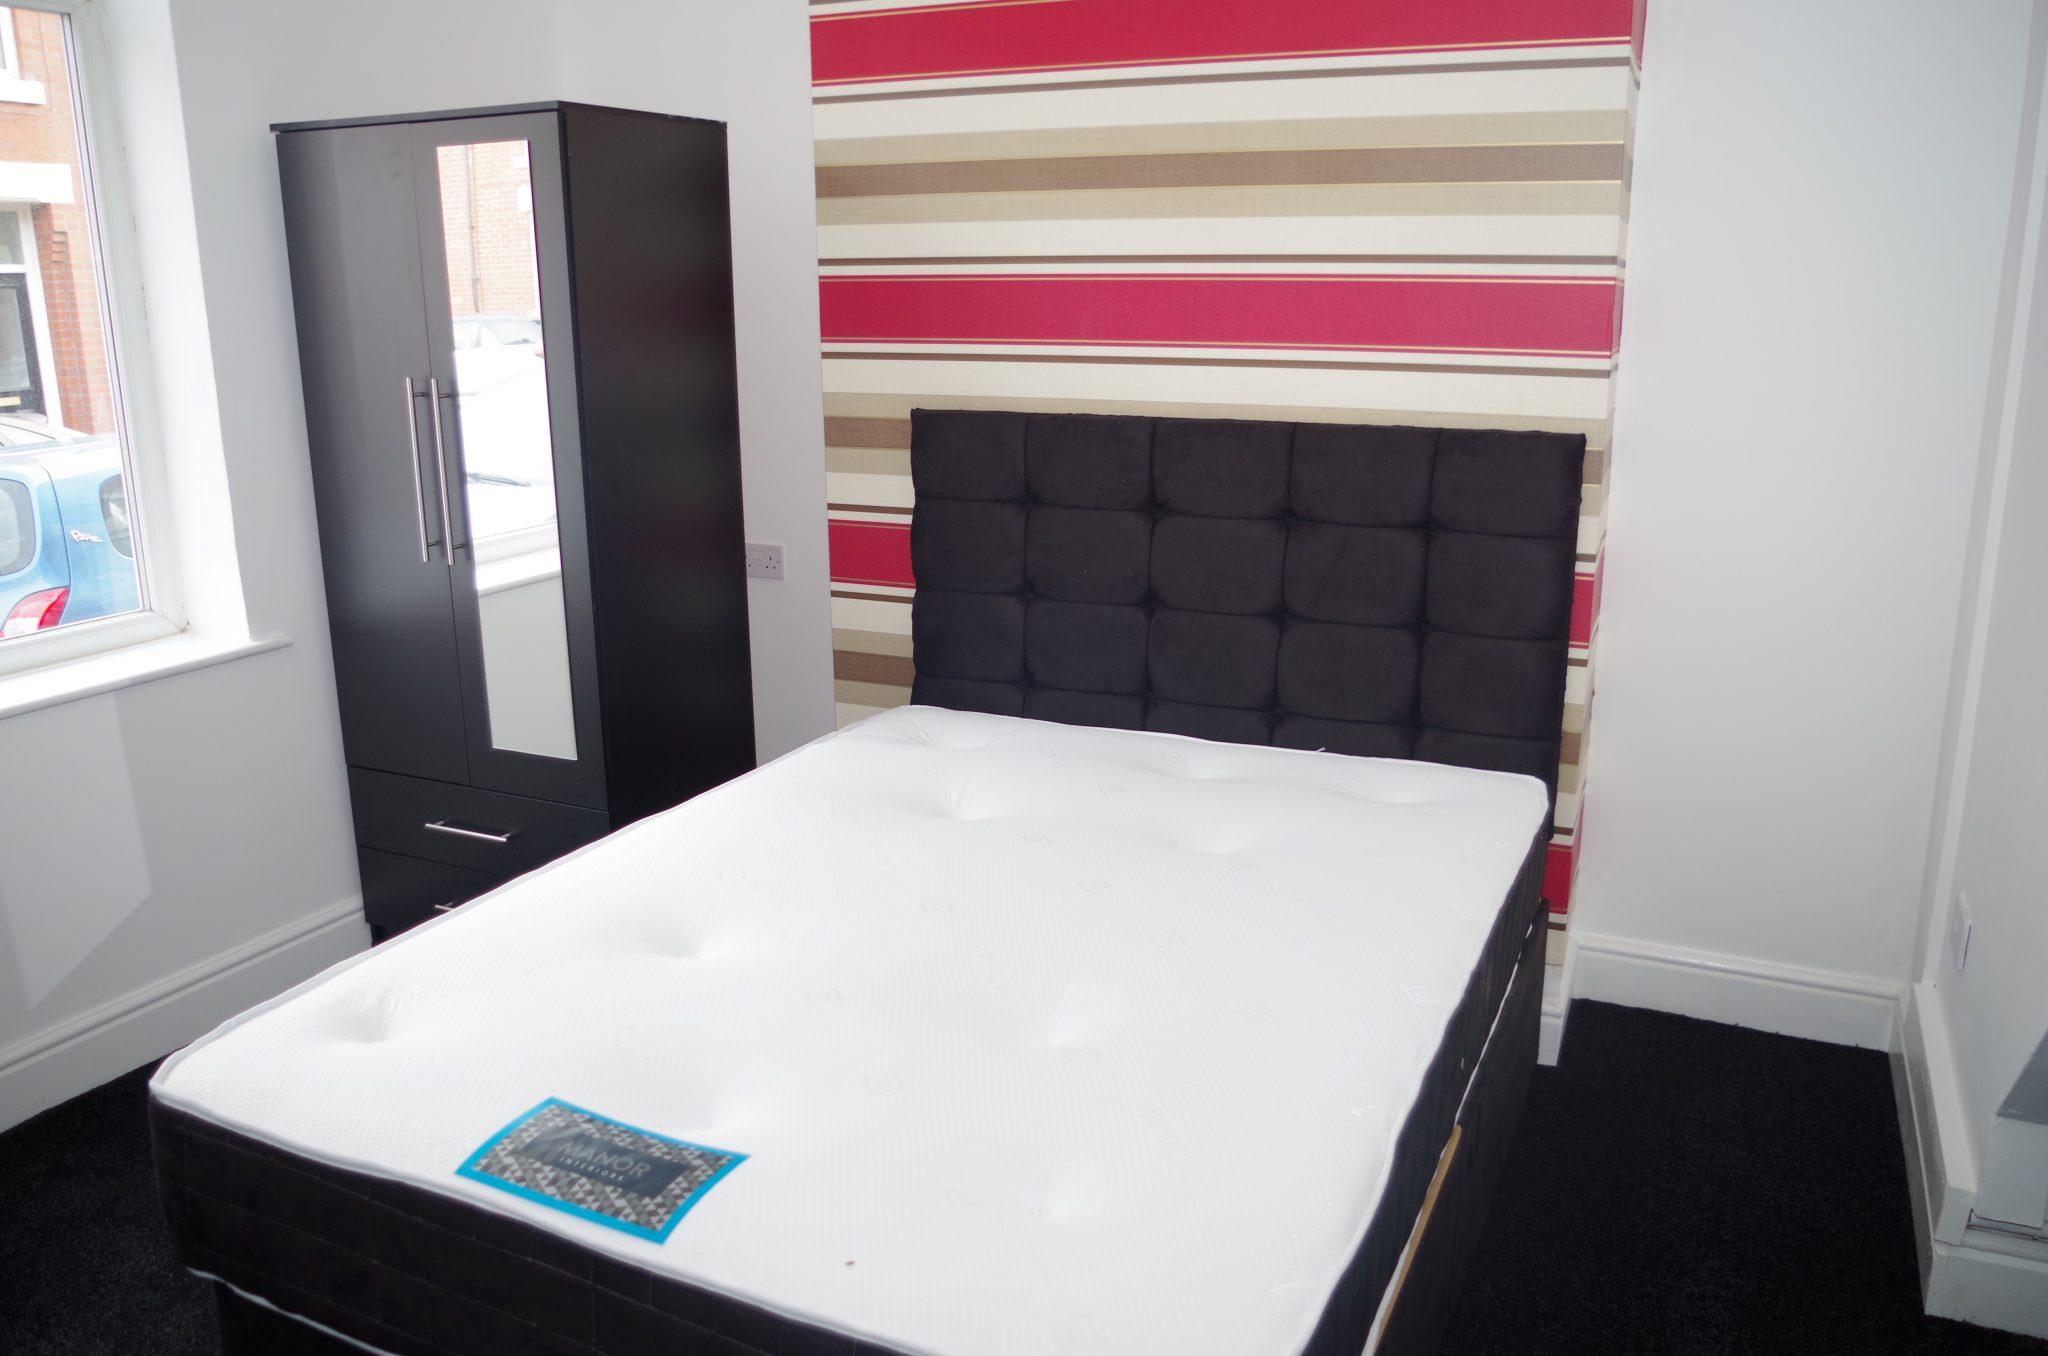 Liverpool Bedroom Bin